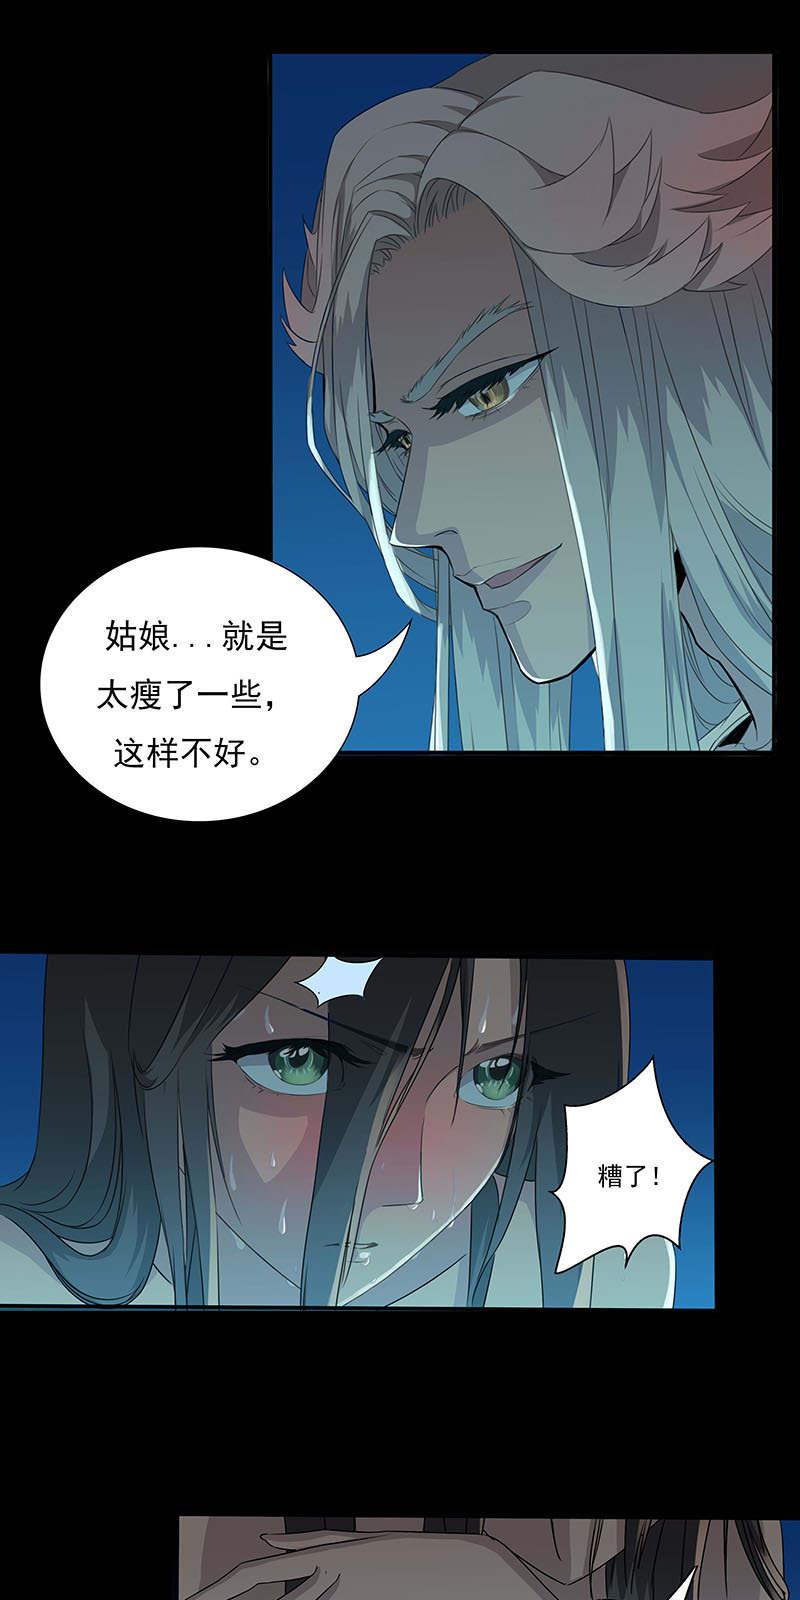 废柴逆天召唤师第3话  误惹邪帝 第 4